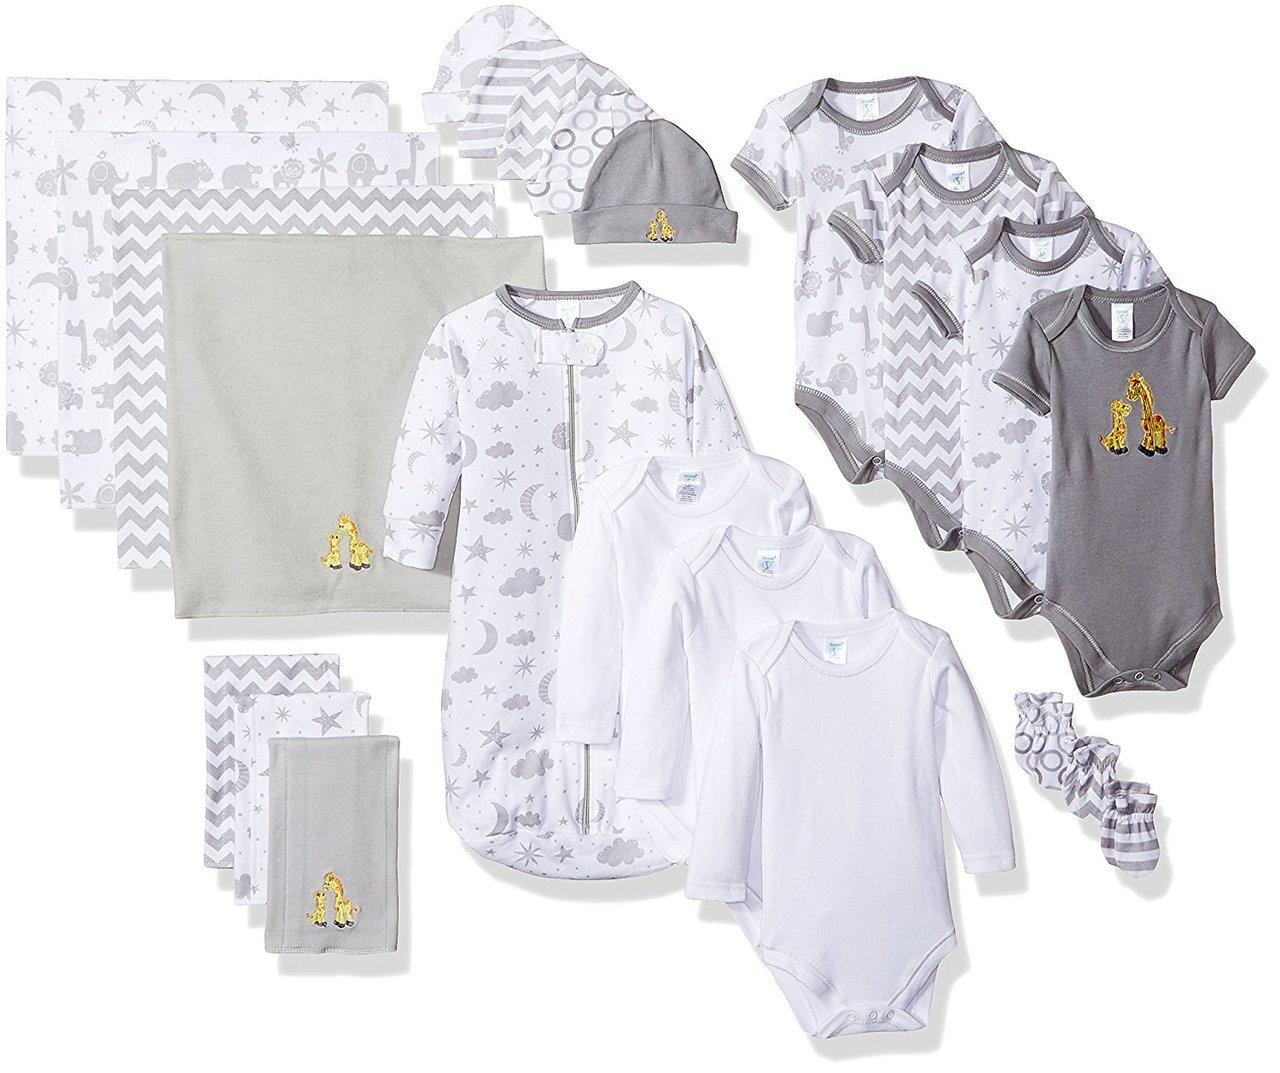 Spasilk Baby Essential Newborn Layette Set, Grey Celestial, 0-6 Months by Spasilk